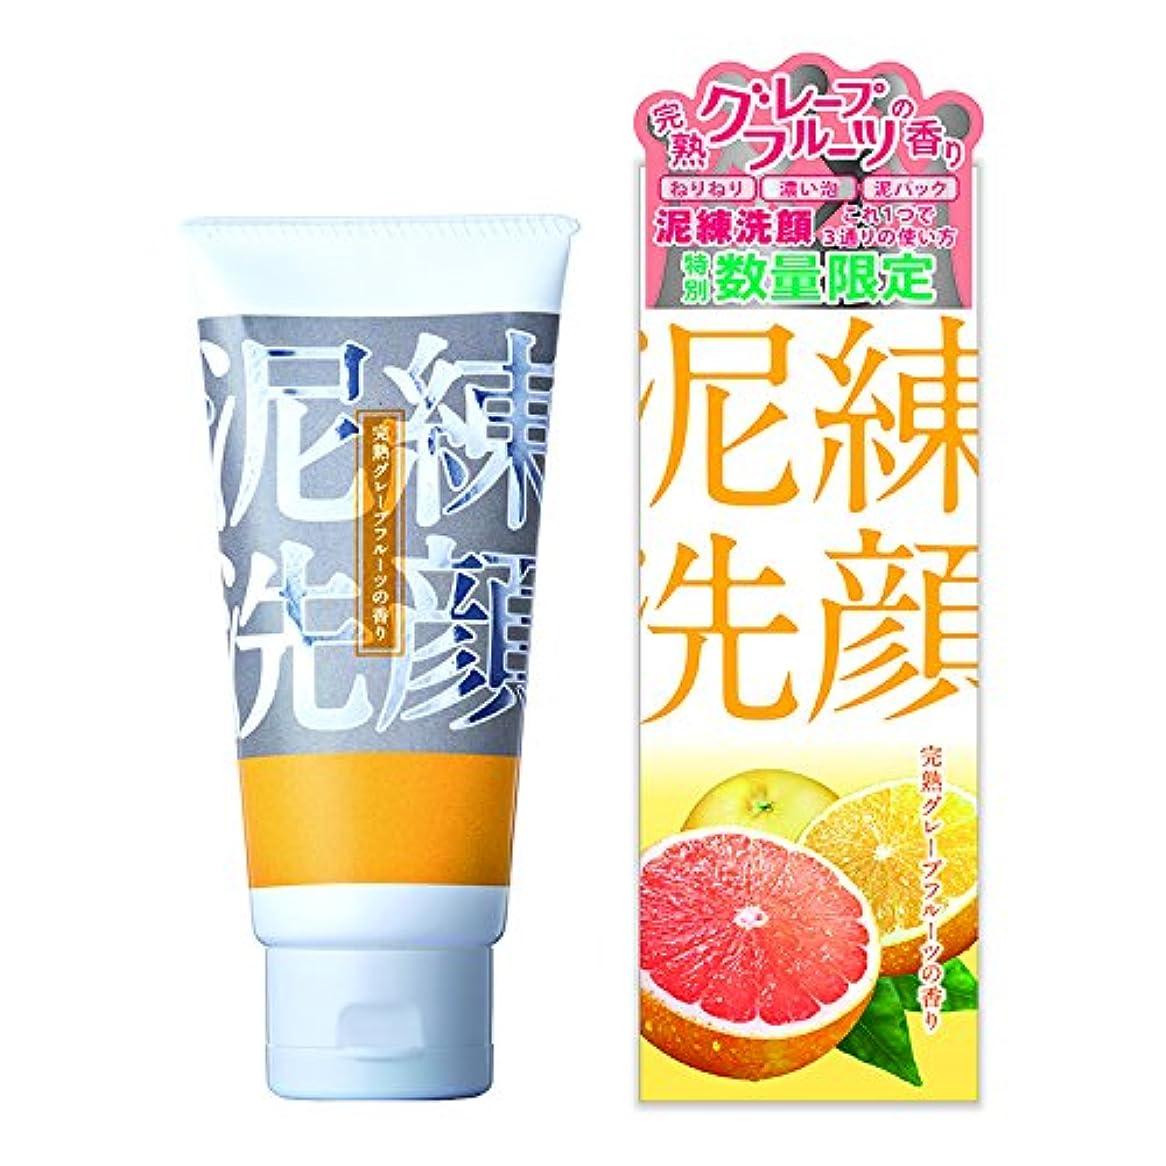 サーマルオンスワーカー泥練洗顔 完熟グレープフルーツの香り 120g【泥 洗顔 6種の泥で 黒ずみ 毛穴 洗浄 3つの使い方】